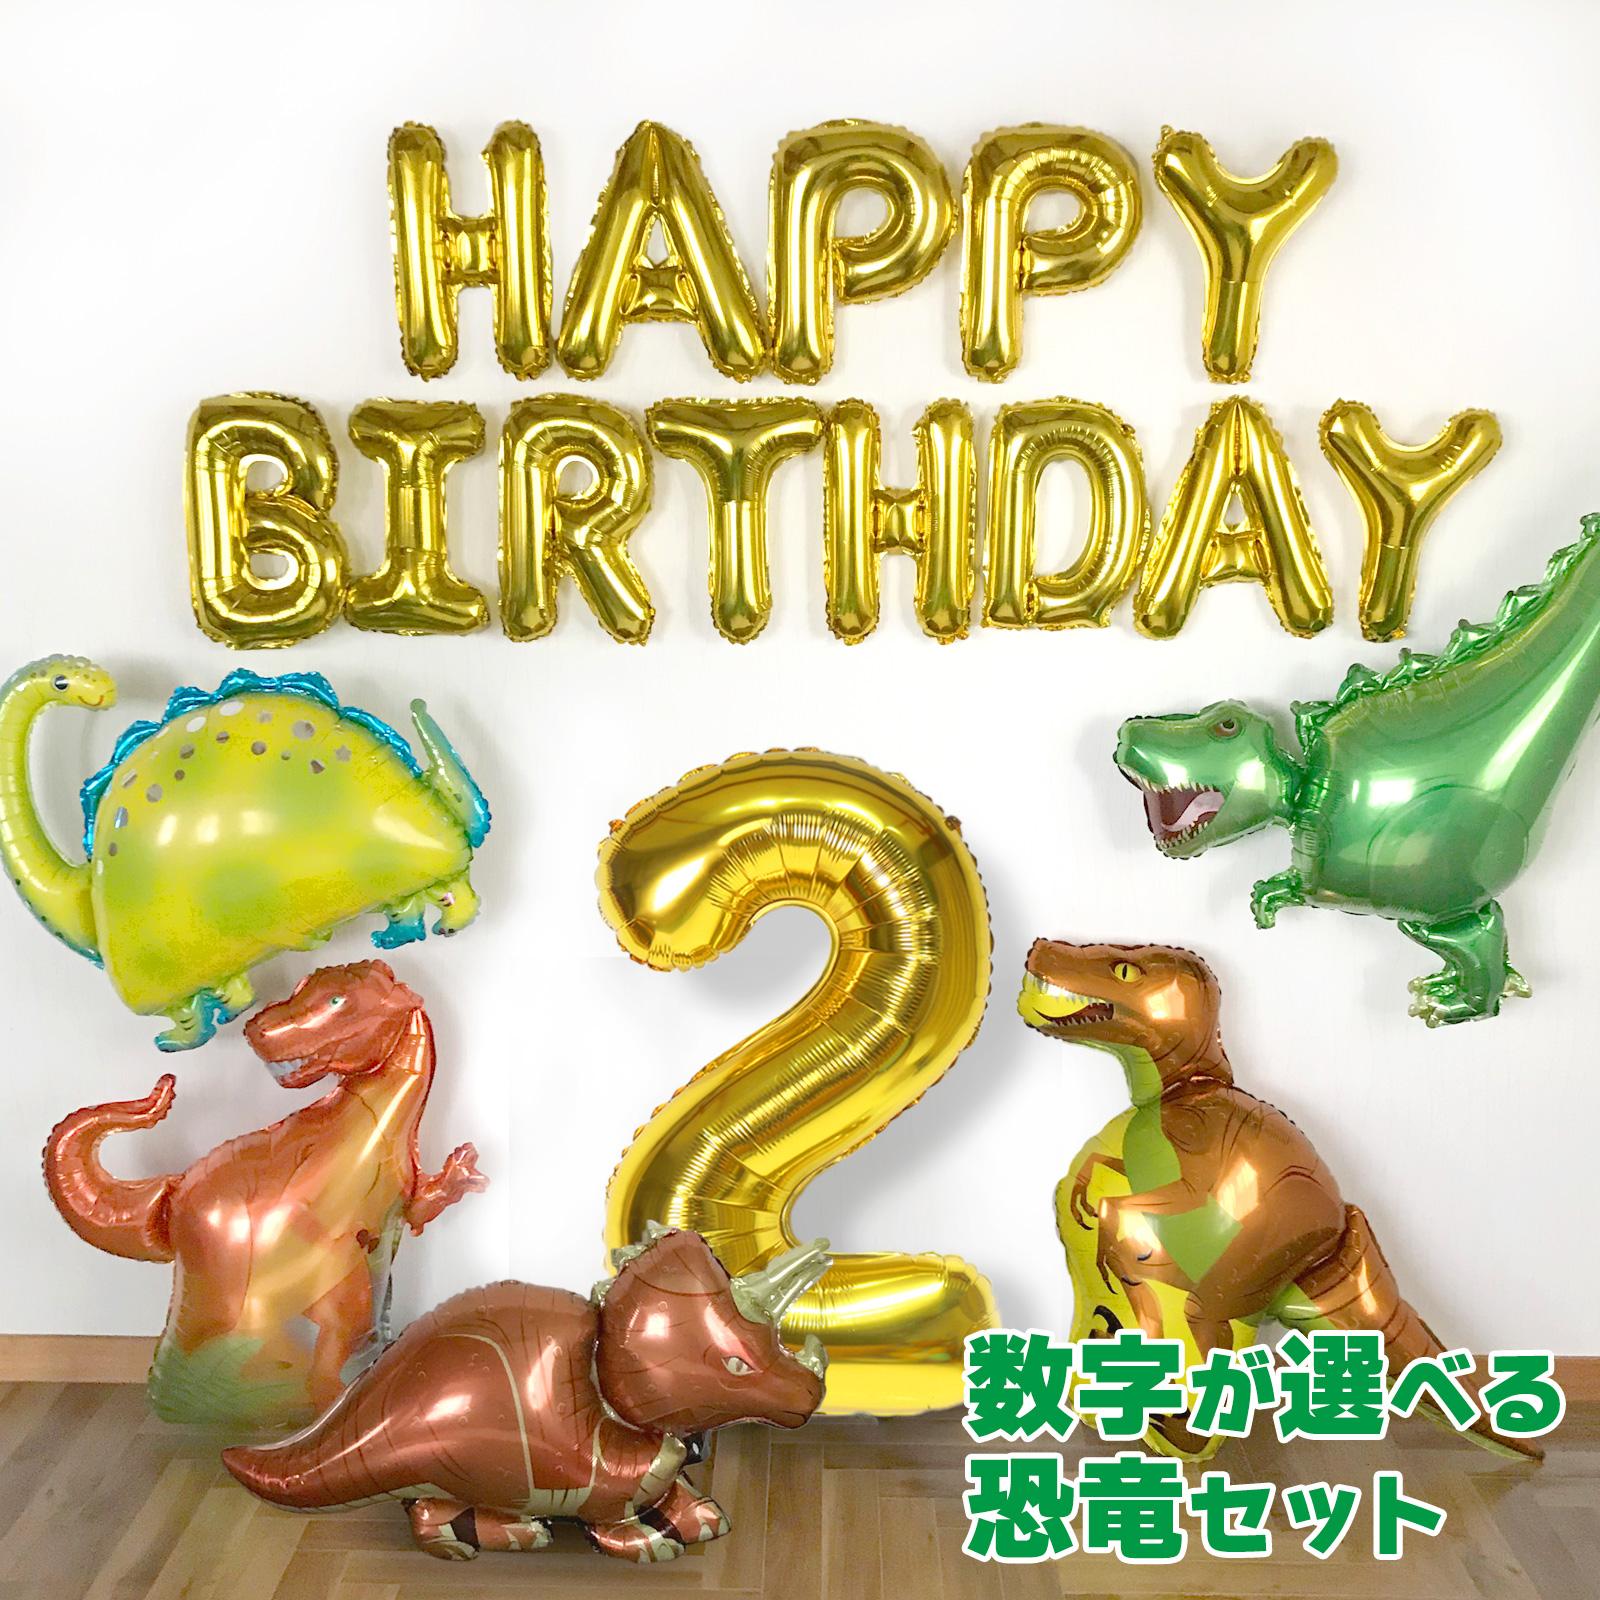 誕生日を彩る恐竜づくしのバルーンお祝いキット 恐竜 5 バルーン 選べる数字 高価値 誕生日 飾り お祝い ティラノサウルス バースデー 恐竜のデコレーションキット デコレーション プラキオサウルス 新作 トリケラトプス